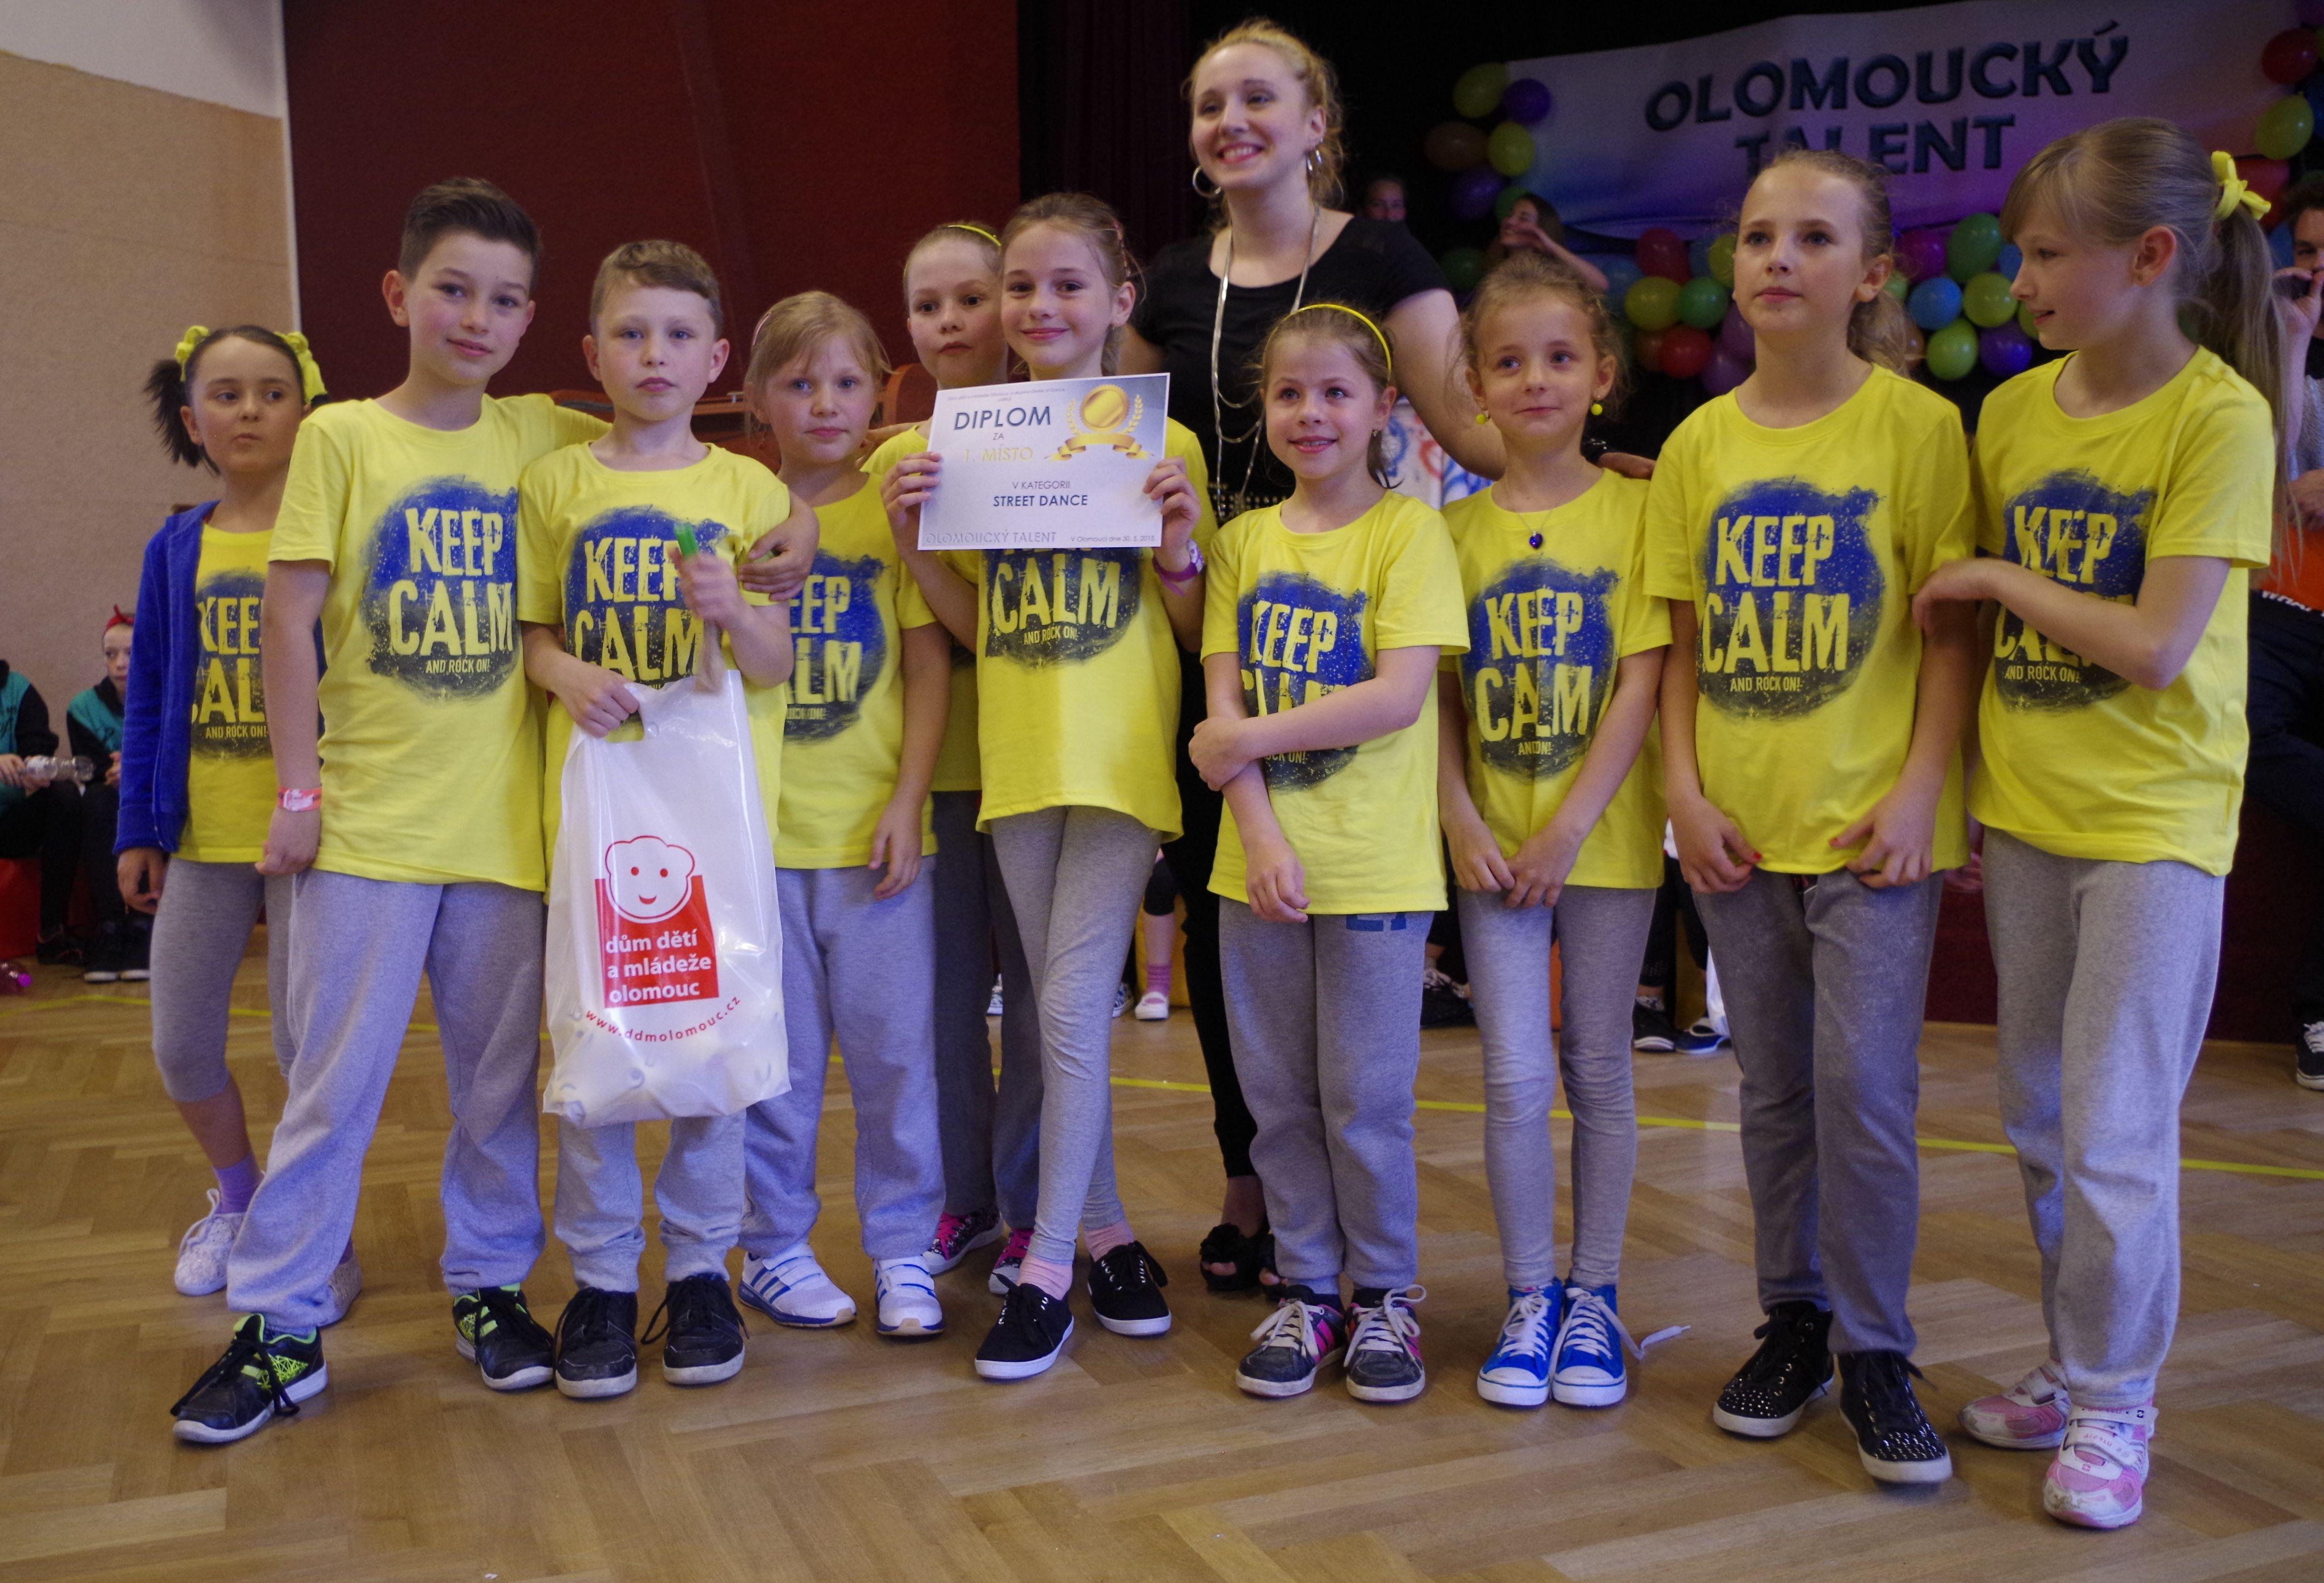 Olomoucký talent 2015